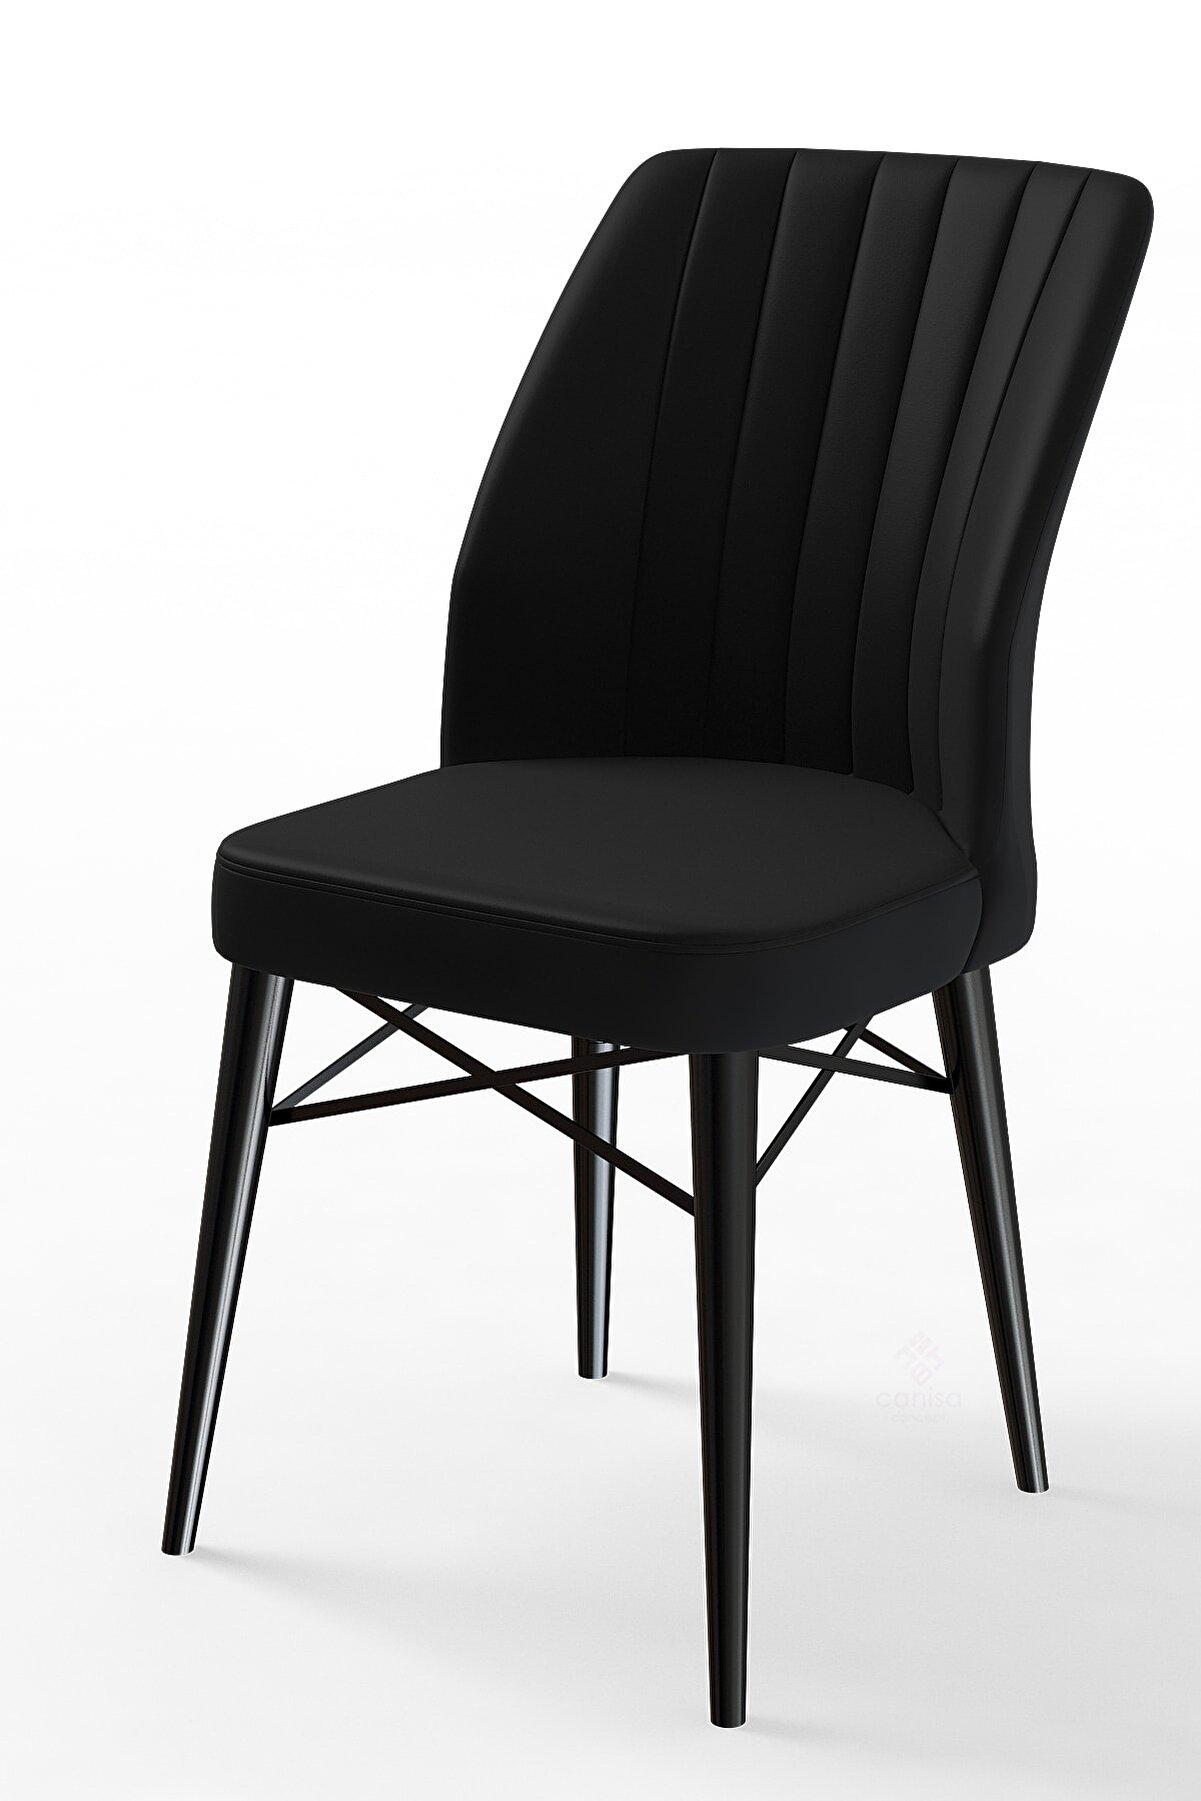 Canisa Concept Siyah Renk Sandalye 6 Adet